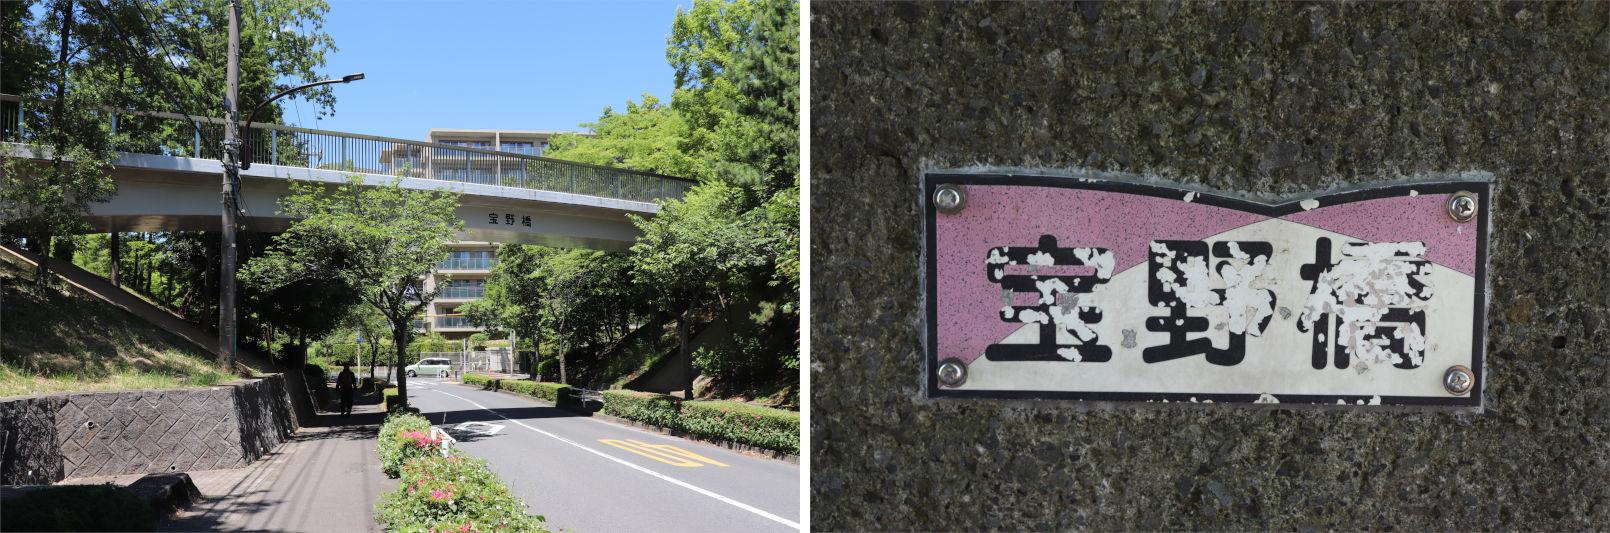 [多摩NTの橋ぜんぶ撮影PJ] No.97~100 多摩センター駅南側の橋_a0332275_16462763.jpg